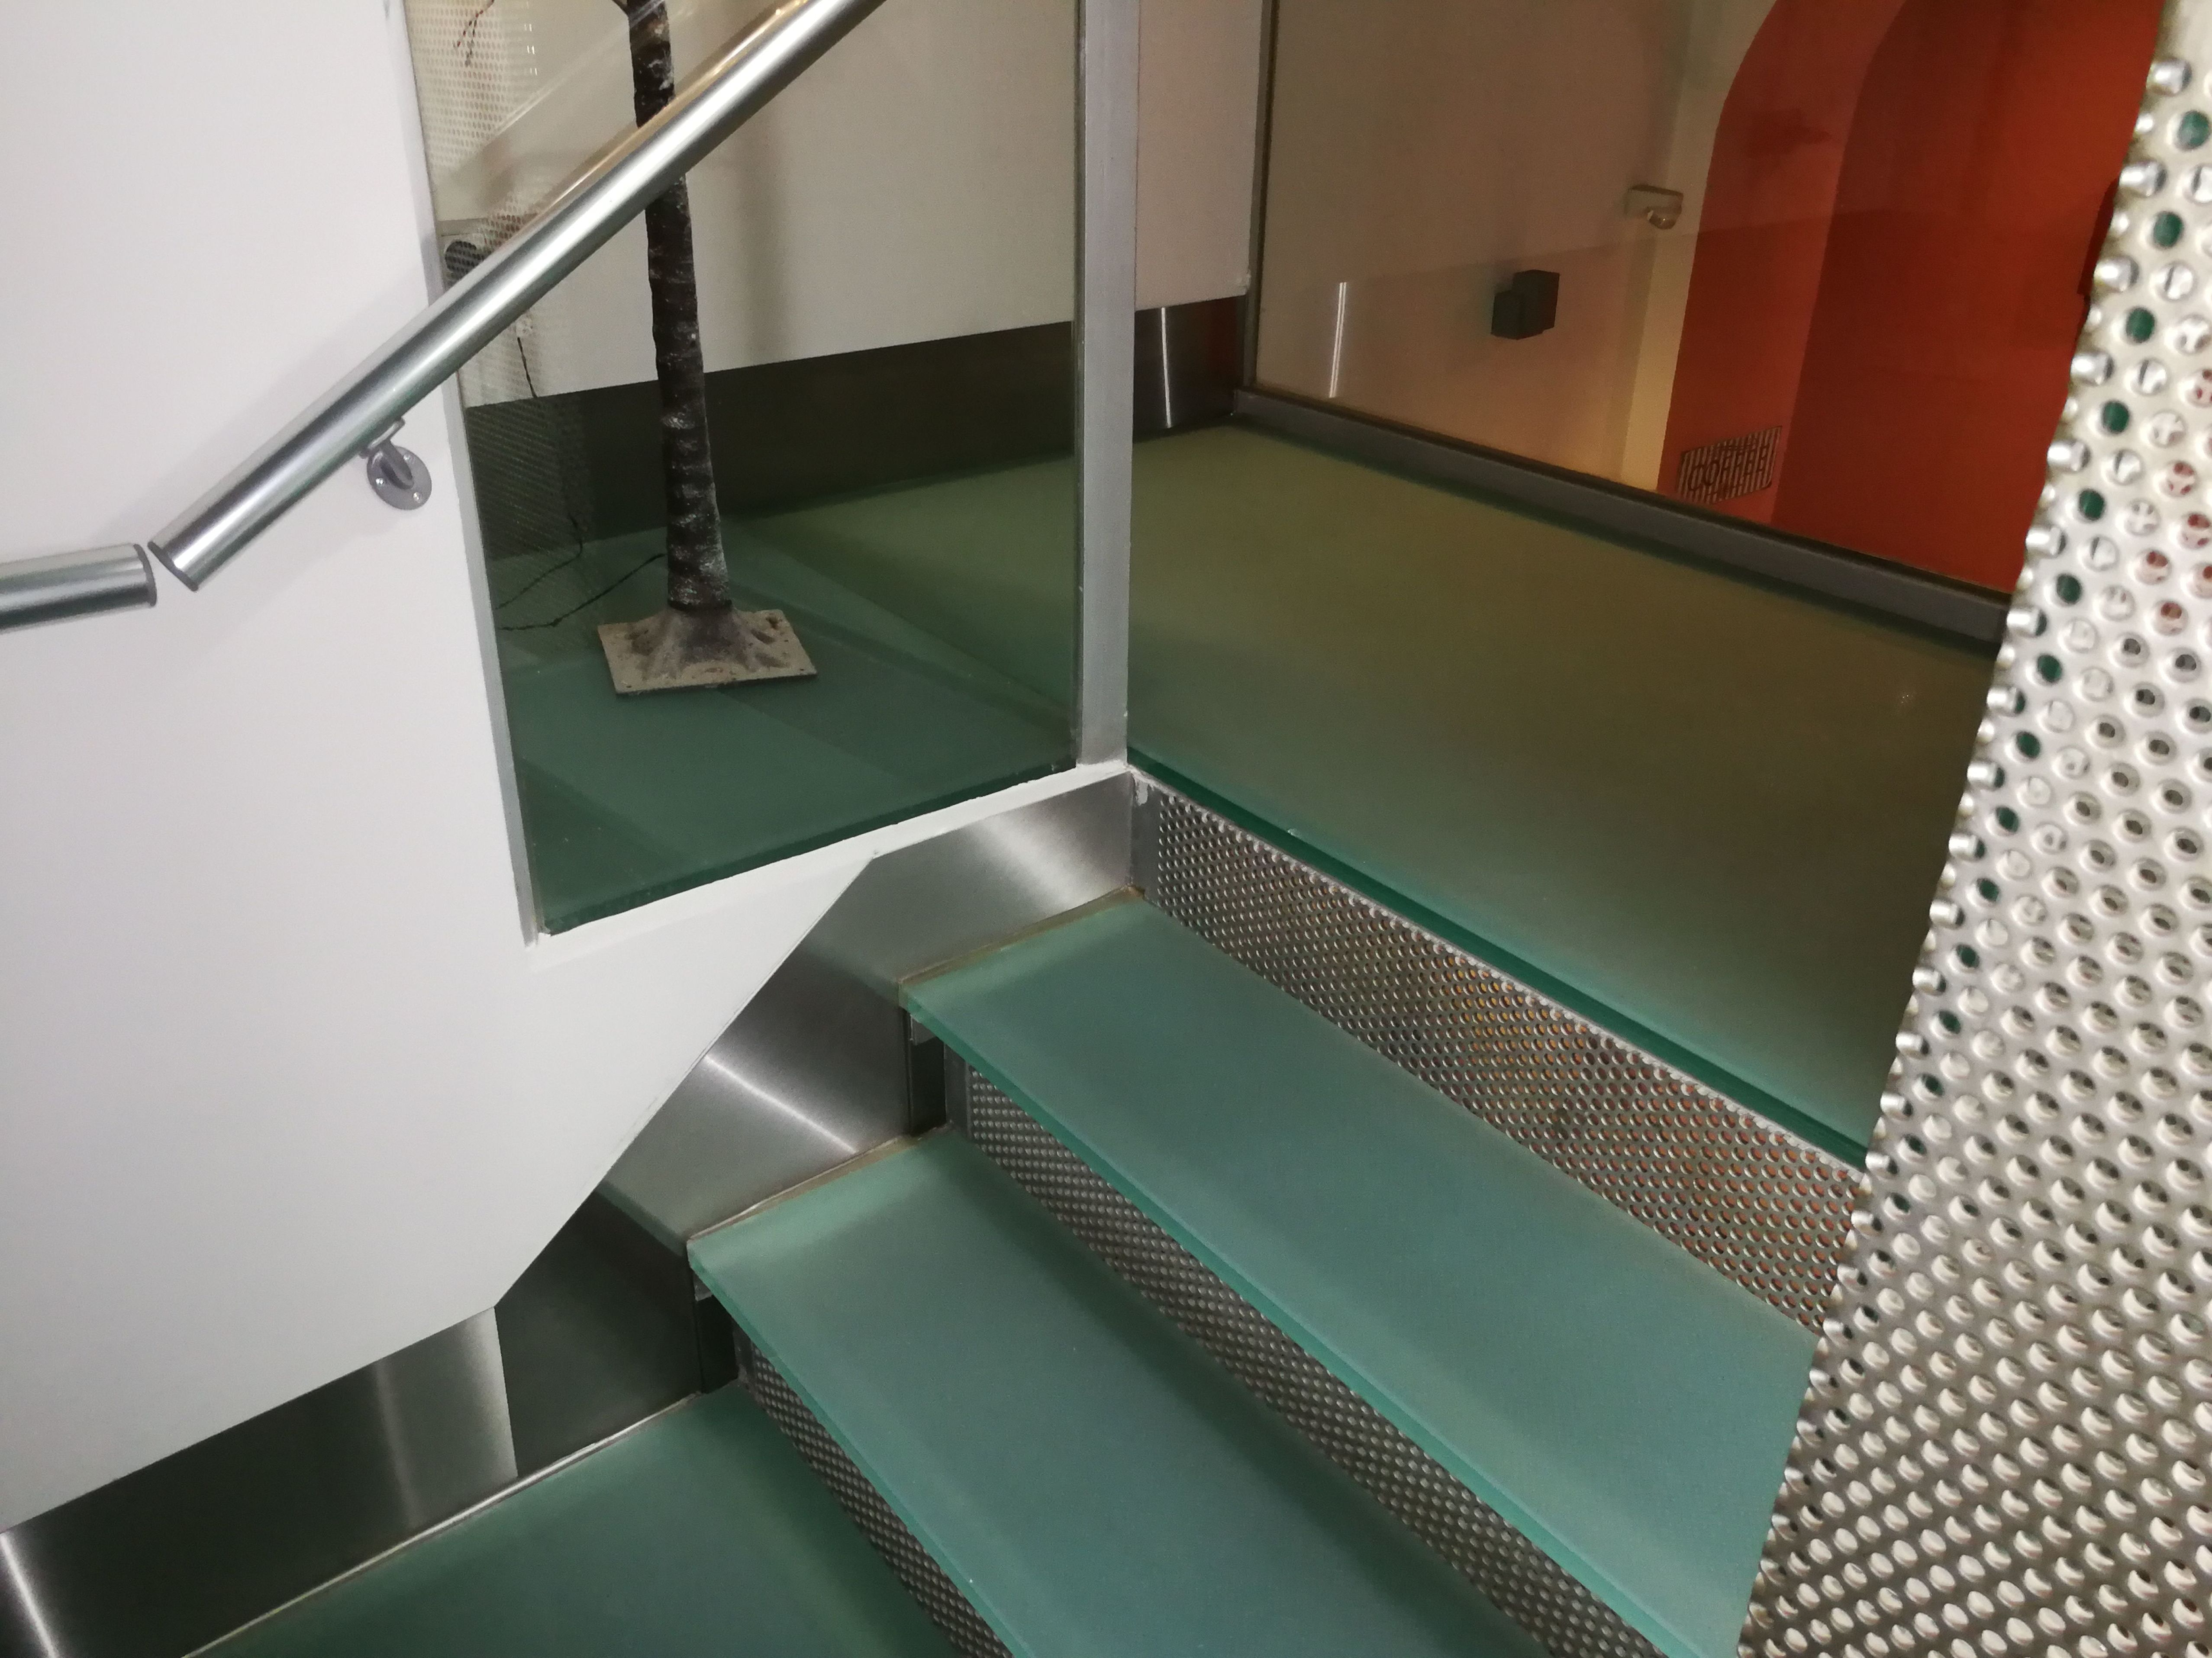 Foto 132 de Especialistas en diseños y proyectos en acero inoxidable en Alcalá de Guadaíra | Icminox